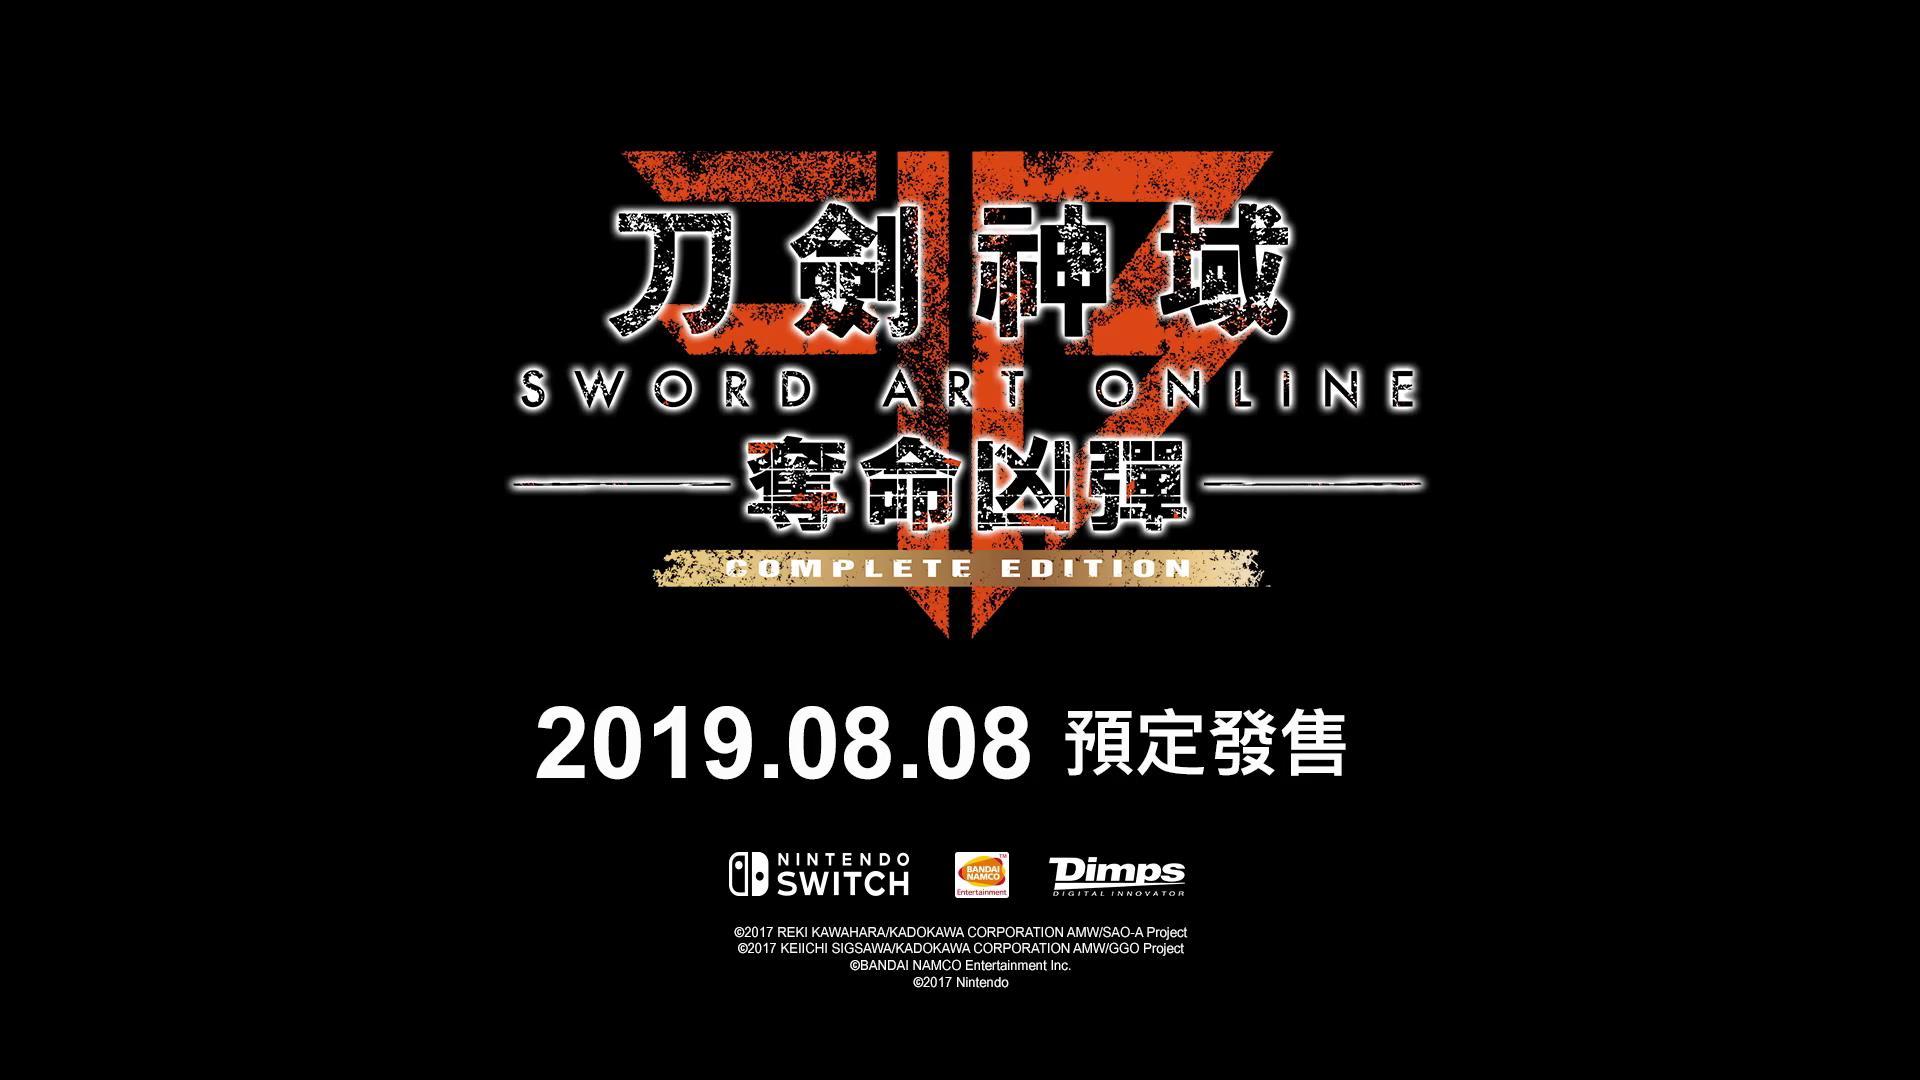 刀剑神域 夺命凶弹,Nintendo Switch